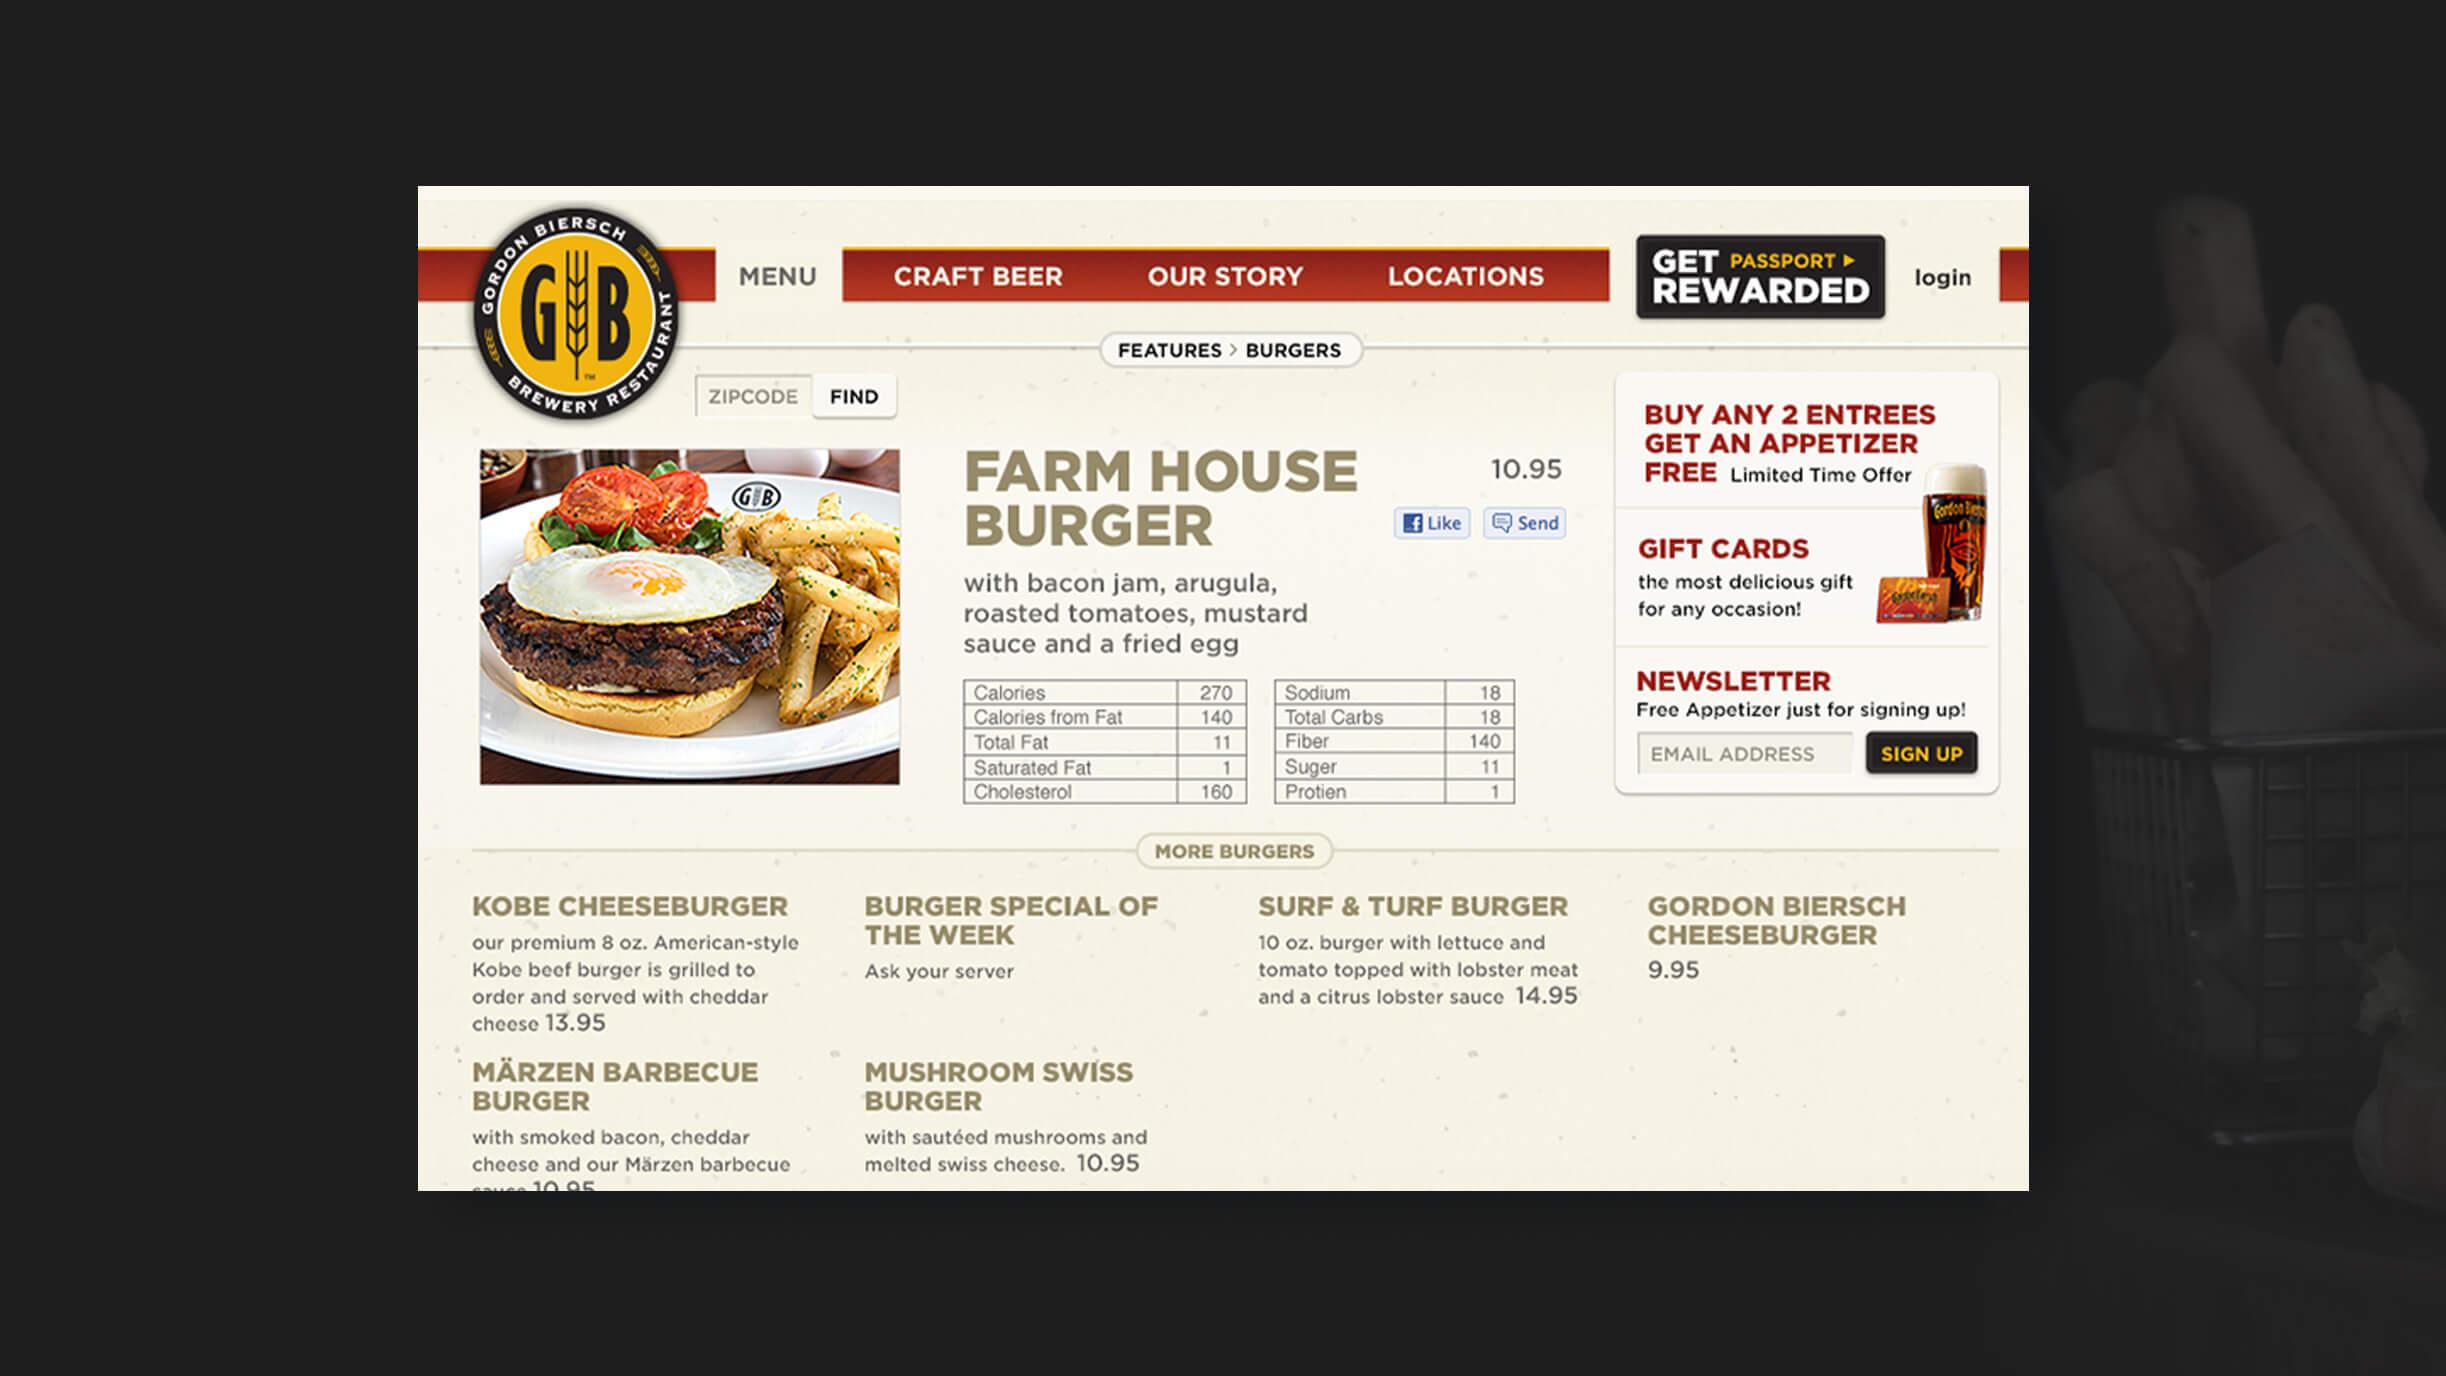 gordon-biersch-website-desktop-2.jpg